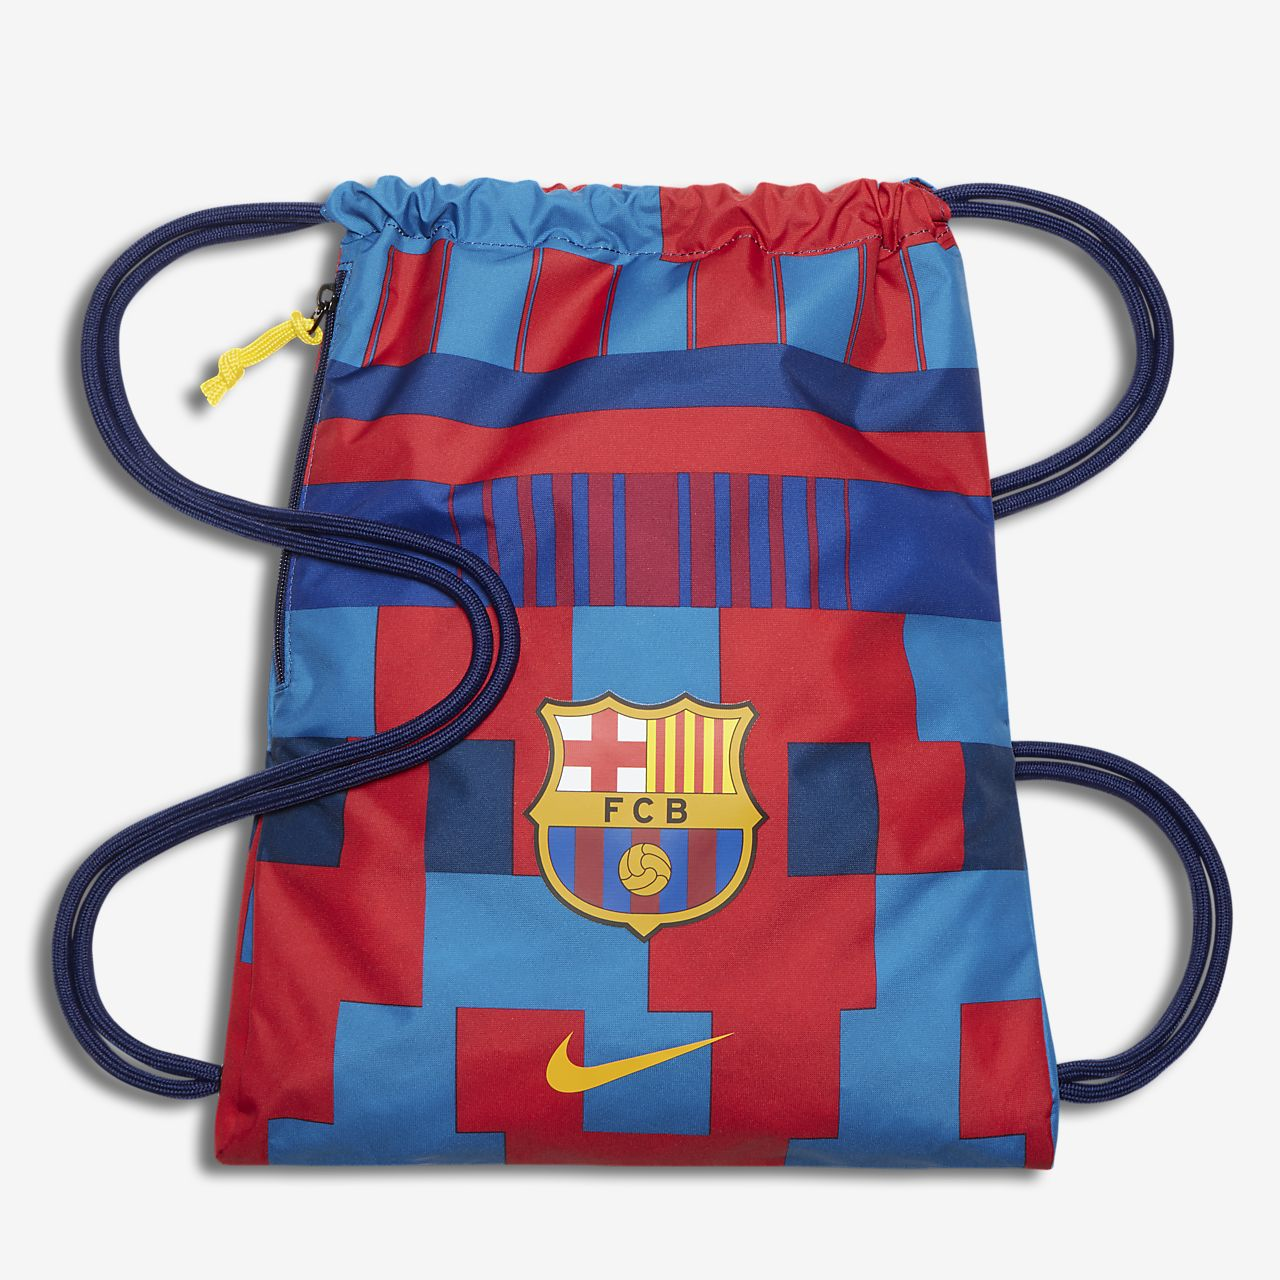 c11f0cd1e Bolsa de fútbol para gimnasio FC Barcelona Stadium. Nike.com MX